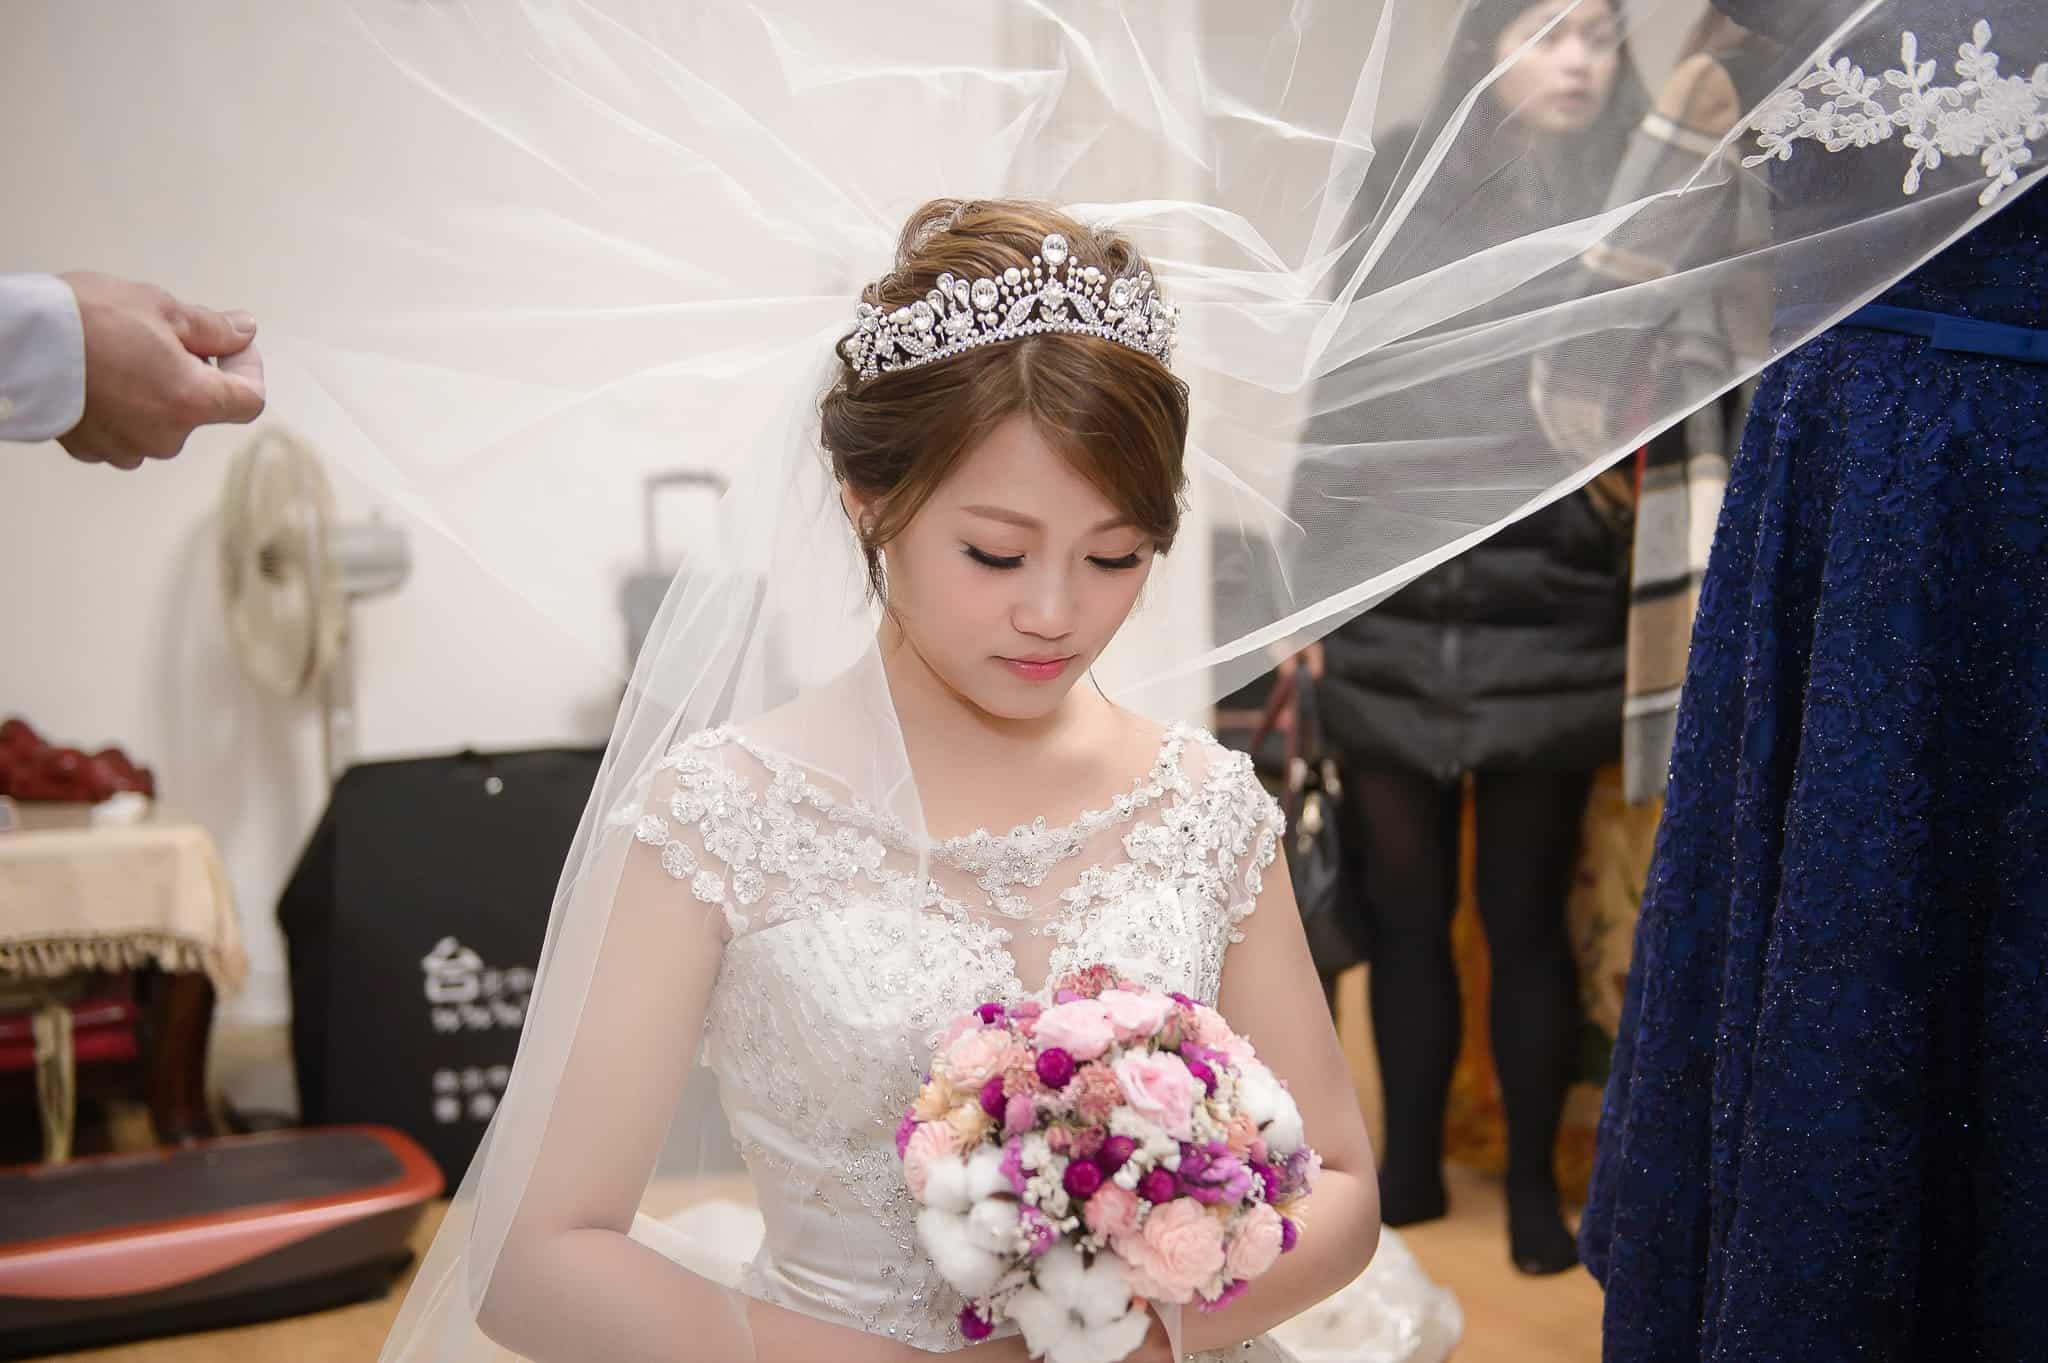 【婚攝優哥】倚豪 ♥ 湘庭 - 永和易牙居